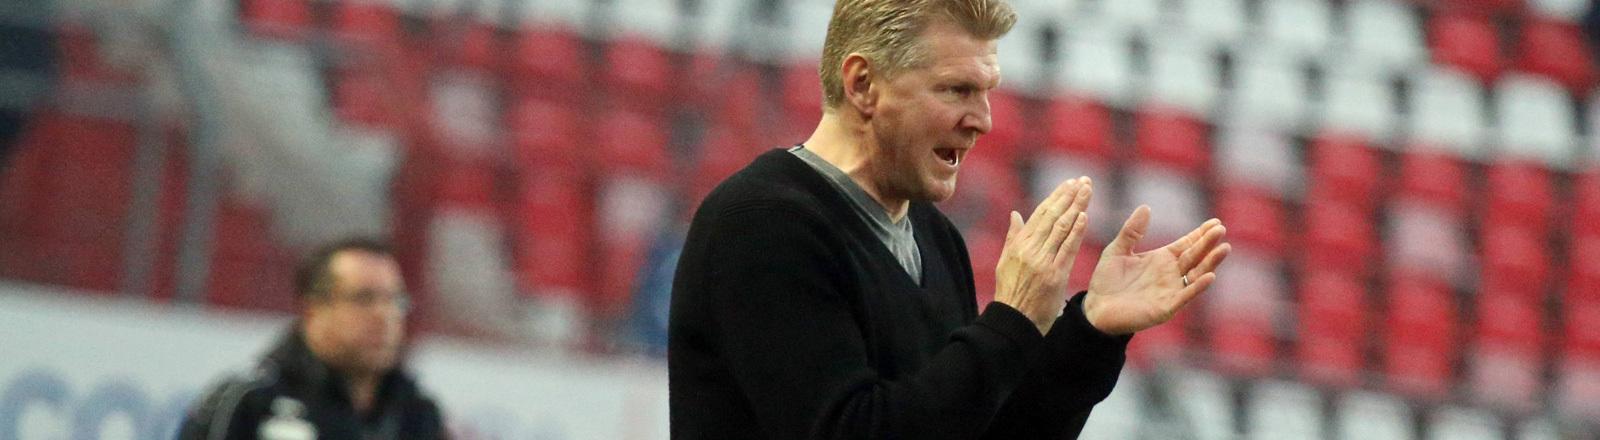 Stefan Effenberg steht im Stadion (01.03.2016) und klatscht aufmunternd seinem Team zu. Effenberg war Trainer des SC Paderborns.